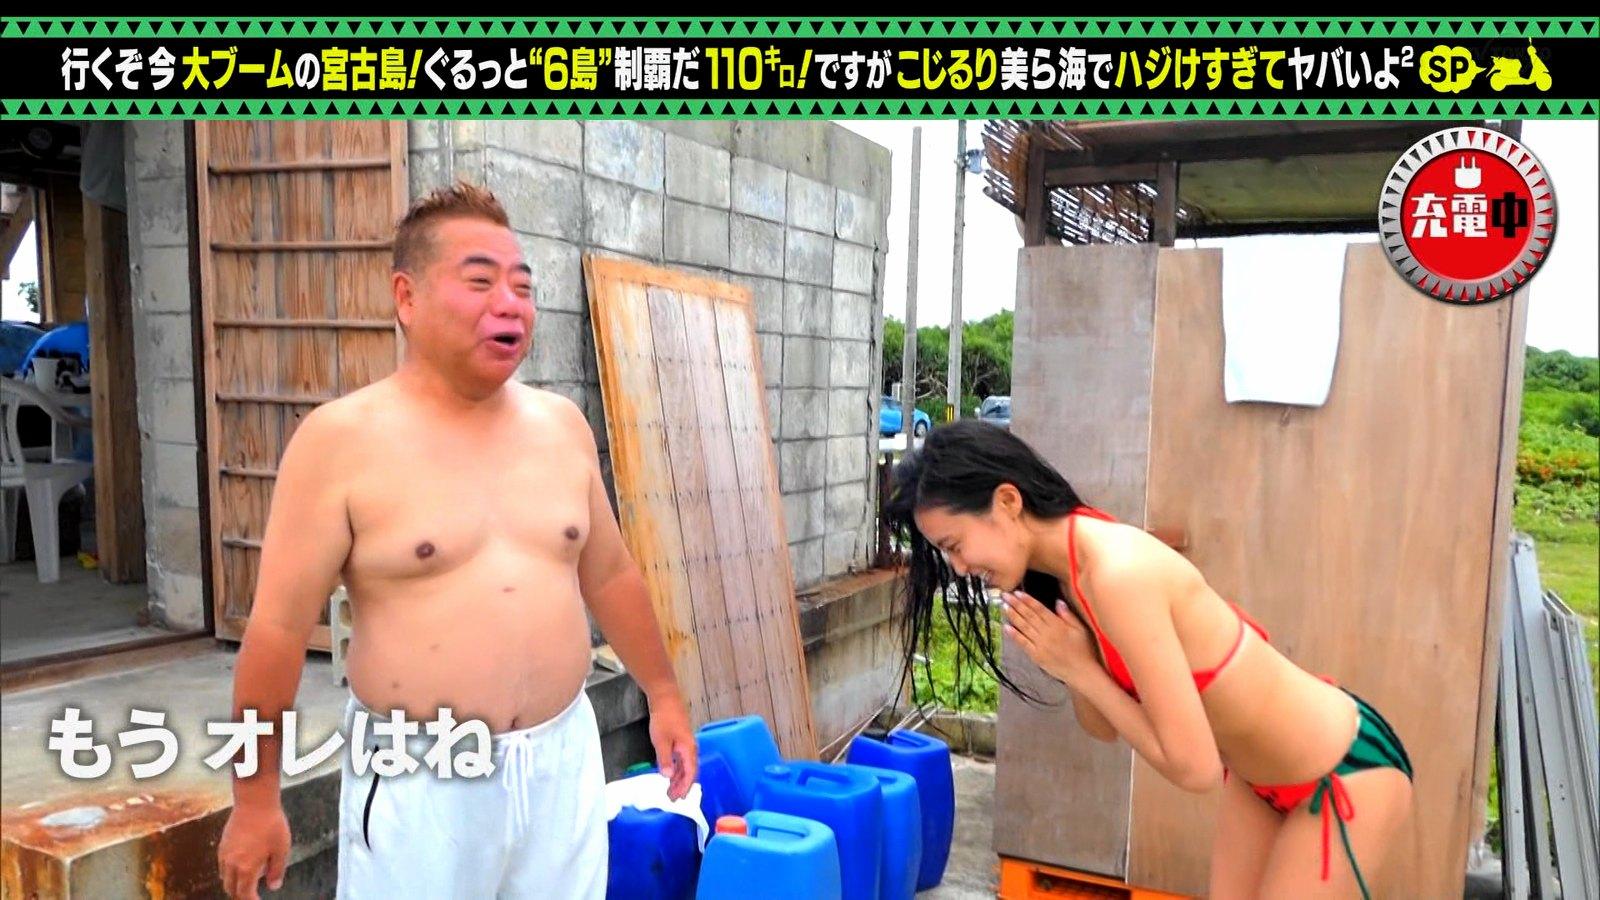 小島瑠璃子_ビキニ水着_お尻_キャプエロ画像_19